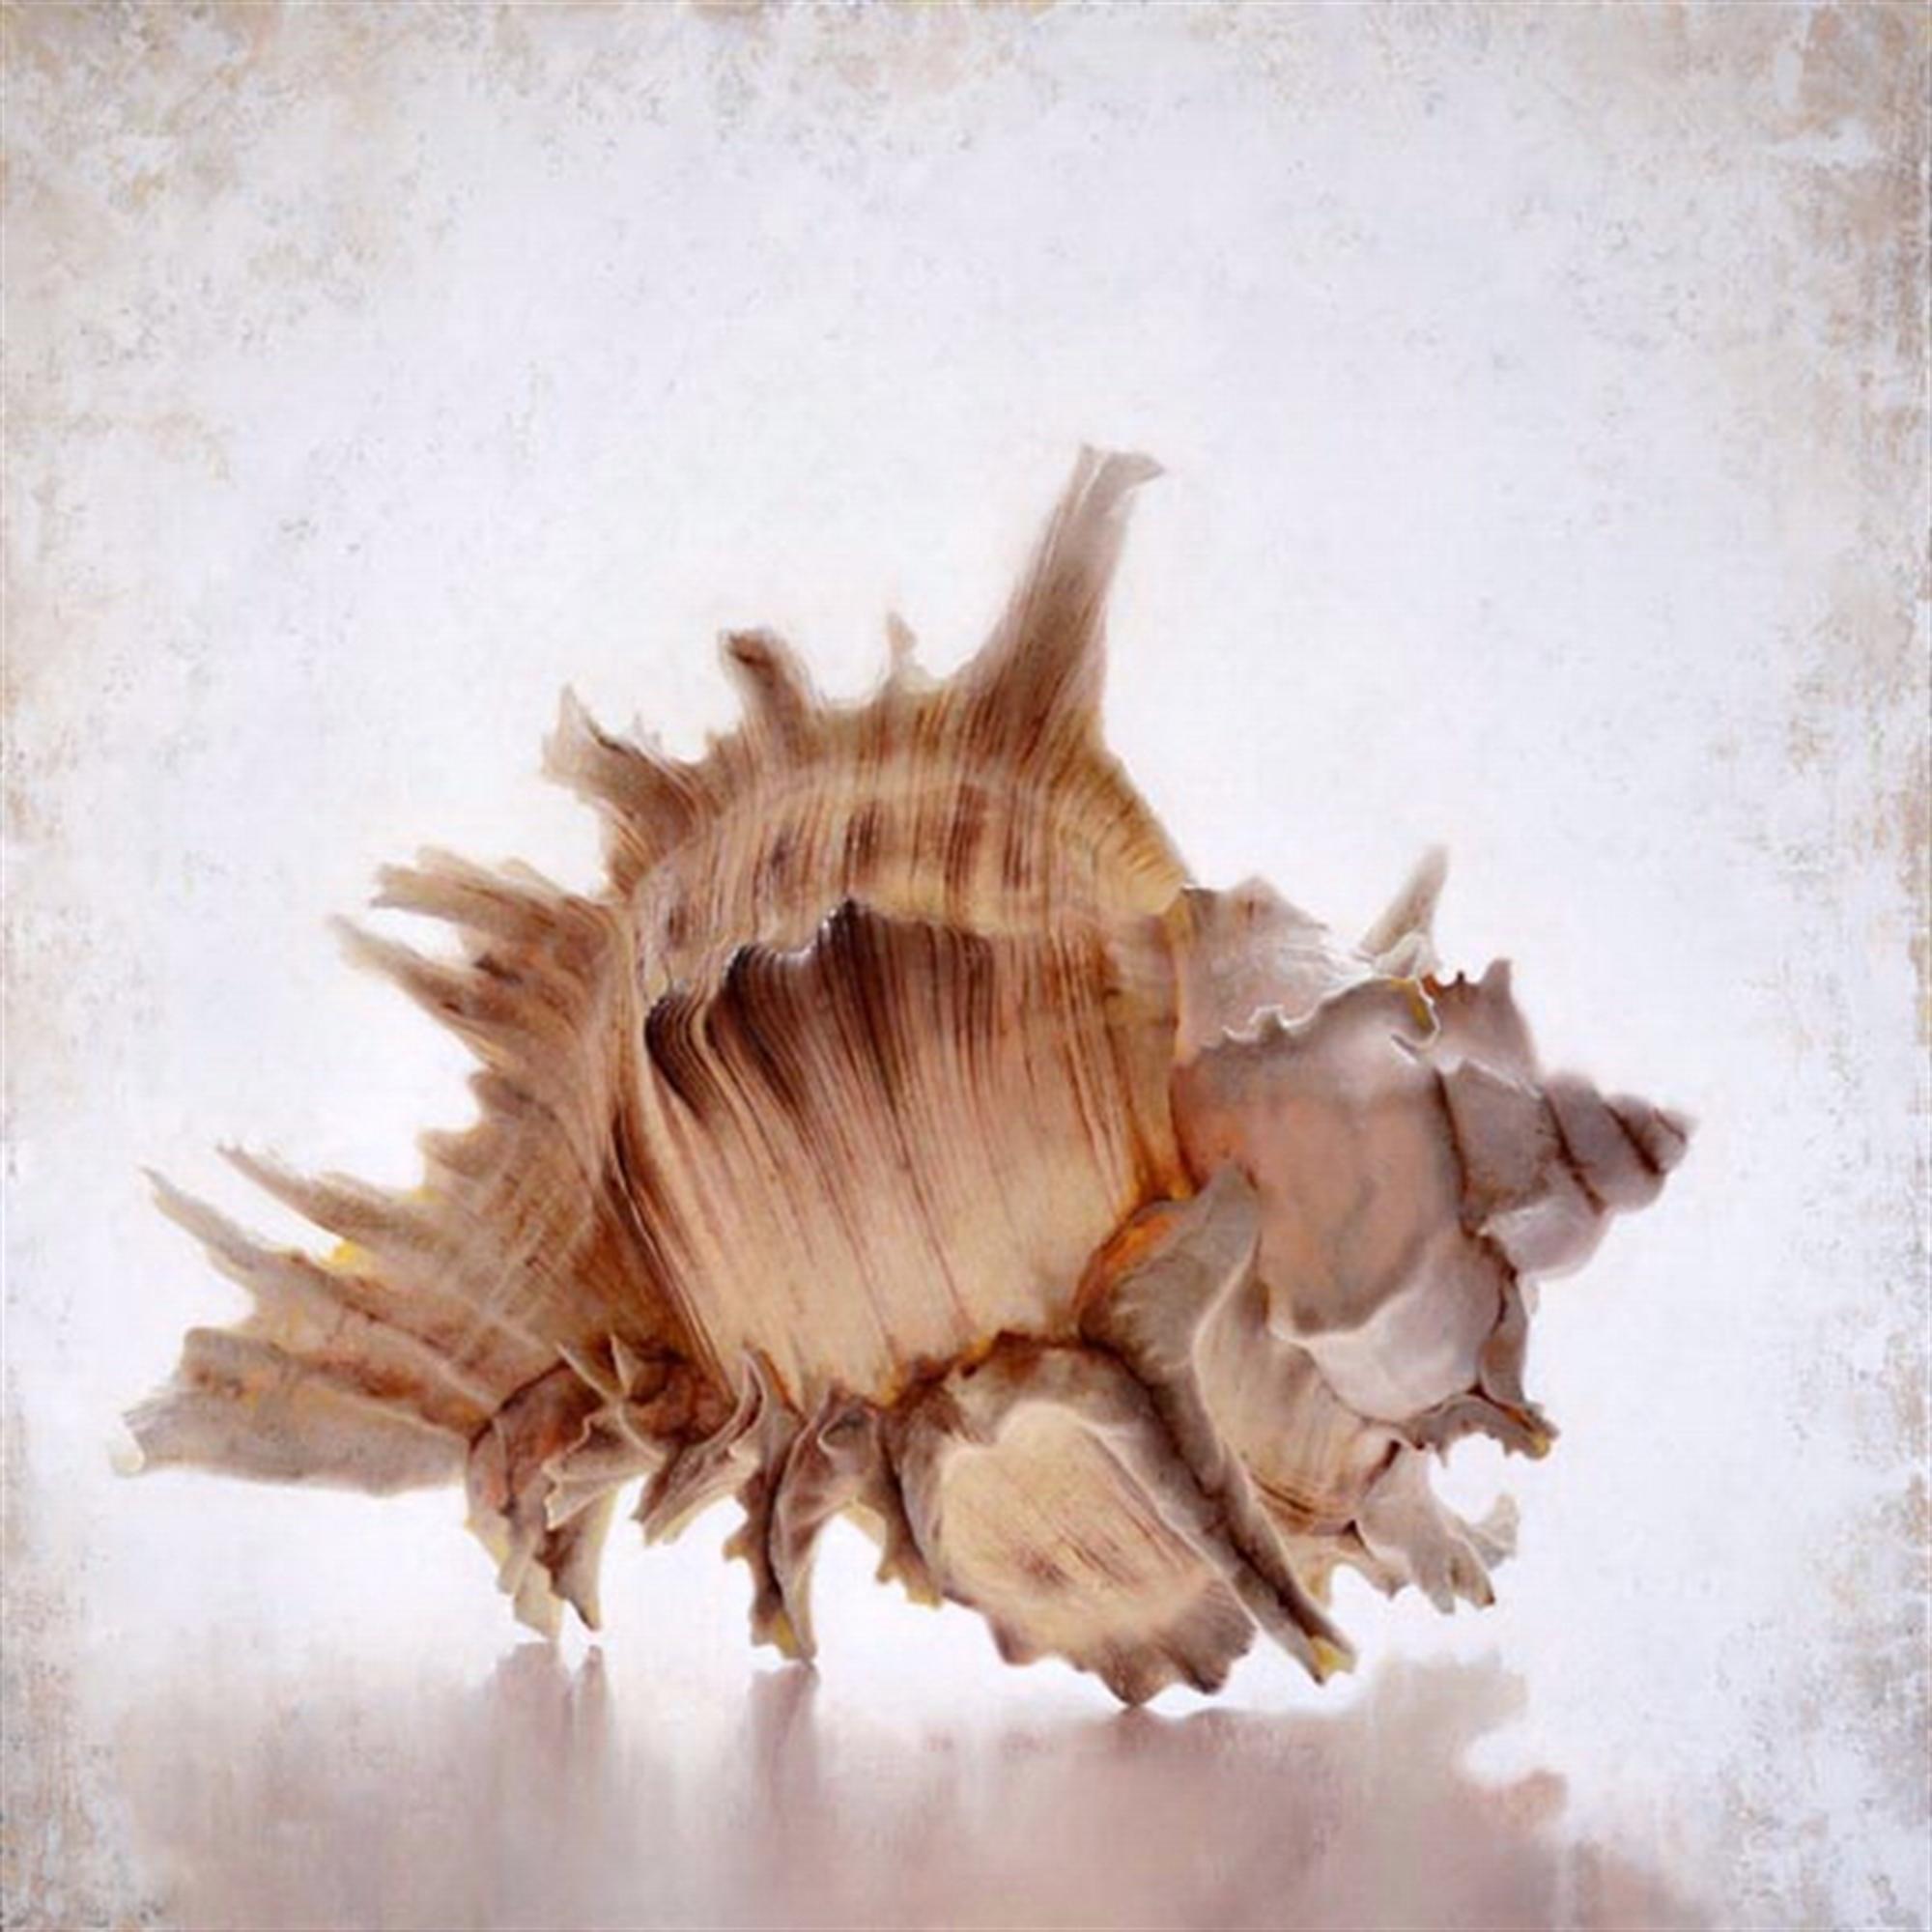 Lace Murex by Tatyana Klevenskiy